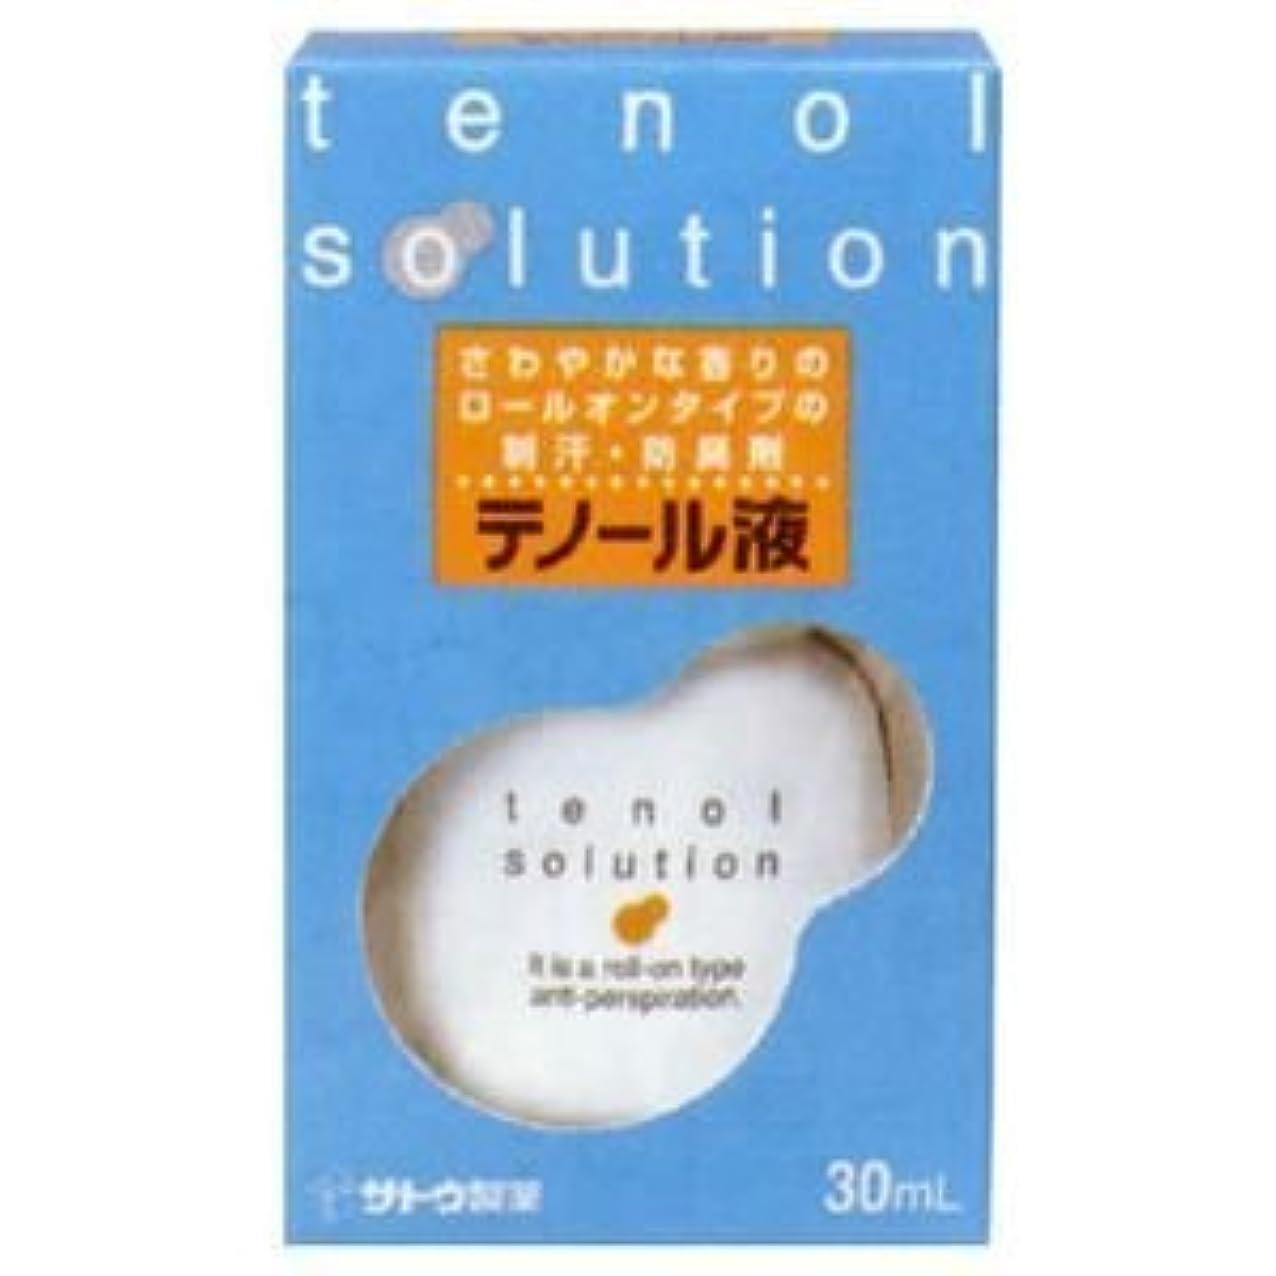 広大な注入米ドル佐藤製薬 テノール液(30ml)×2